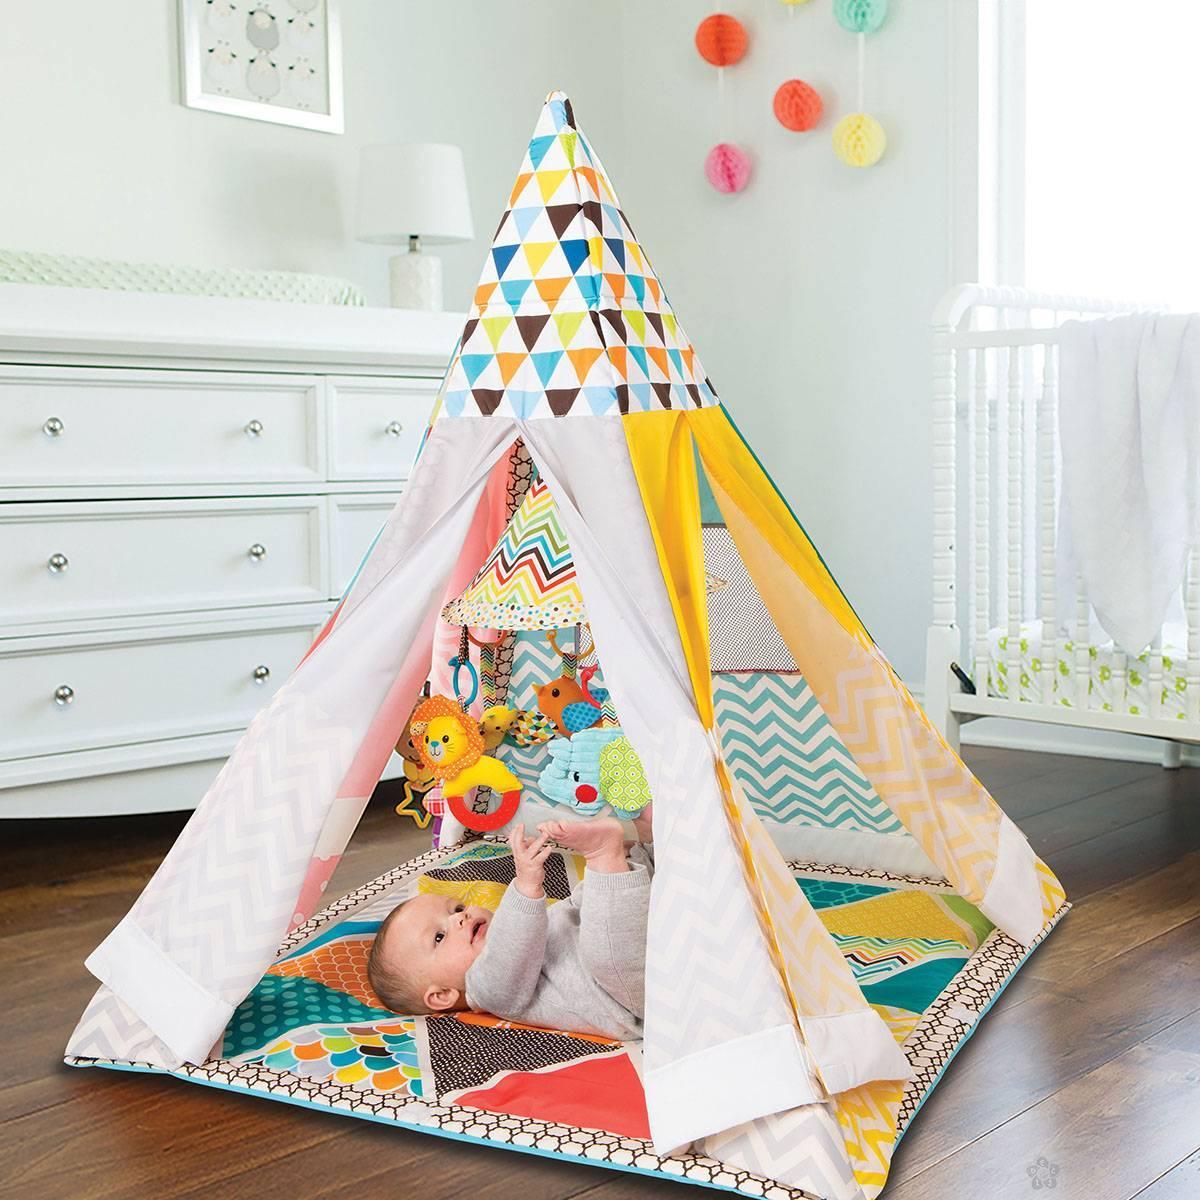 Infantino šator i podloga za igru, 115067